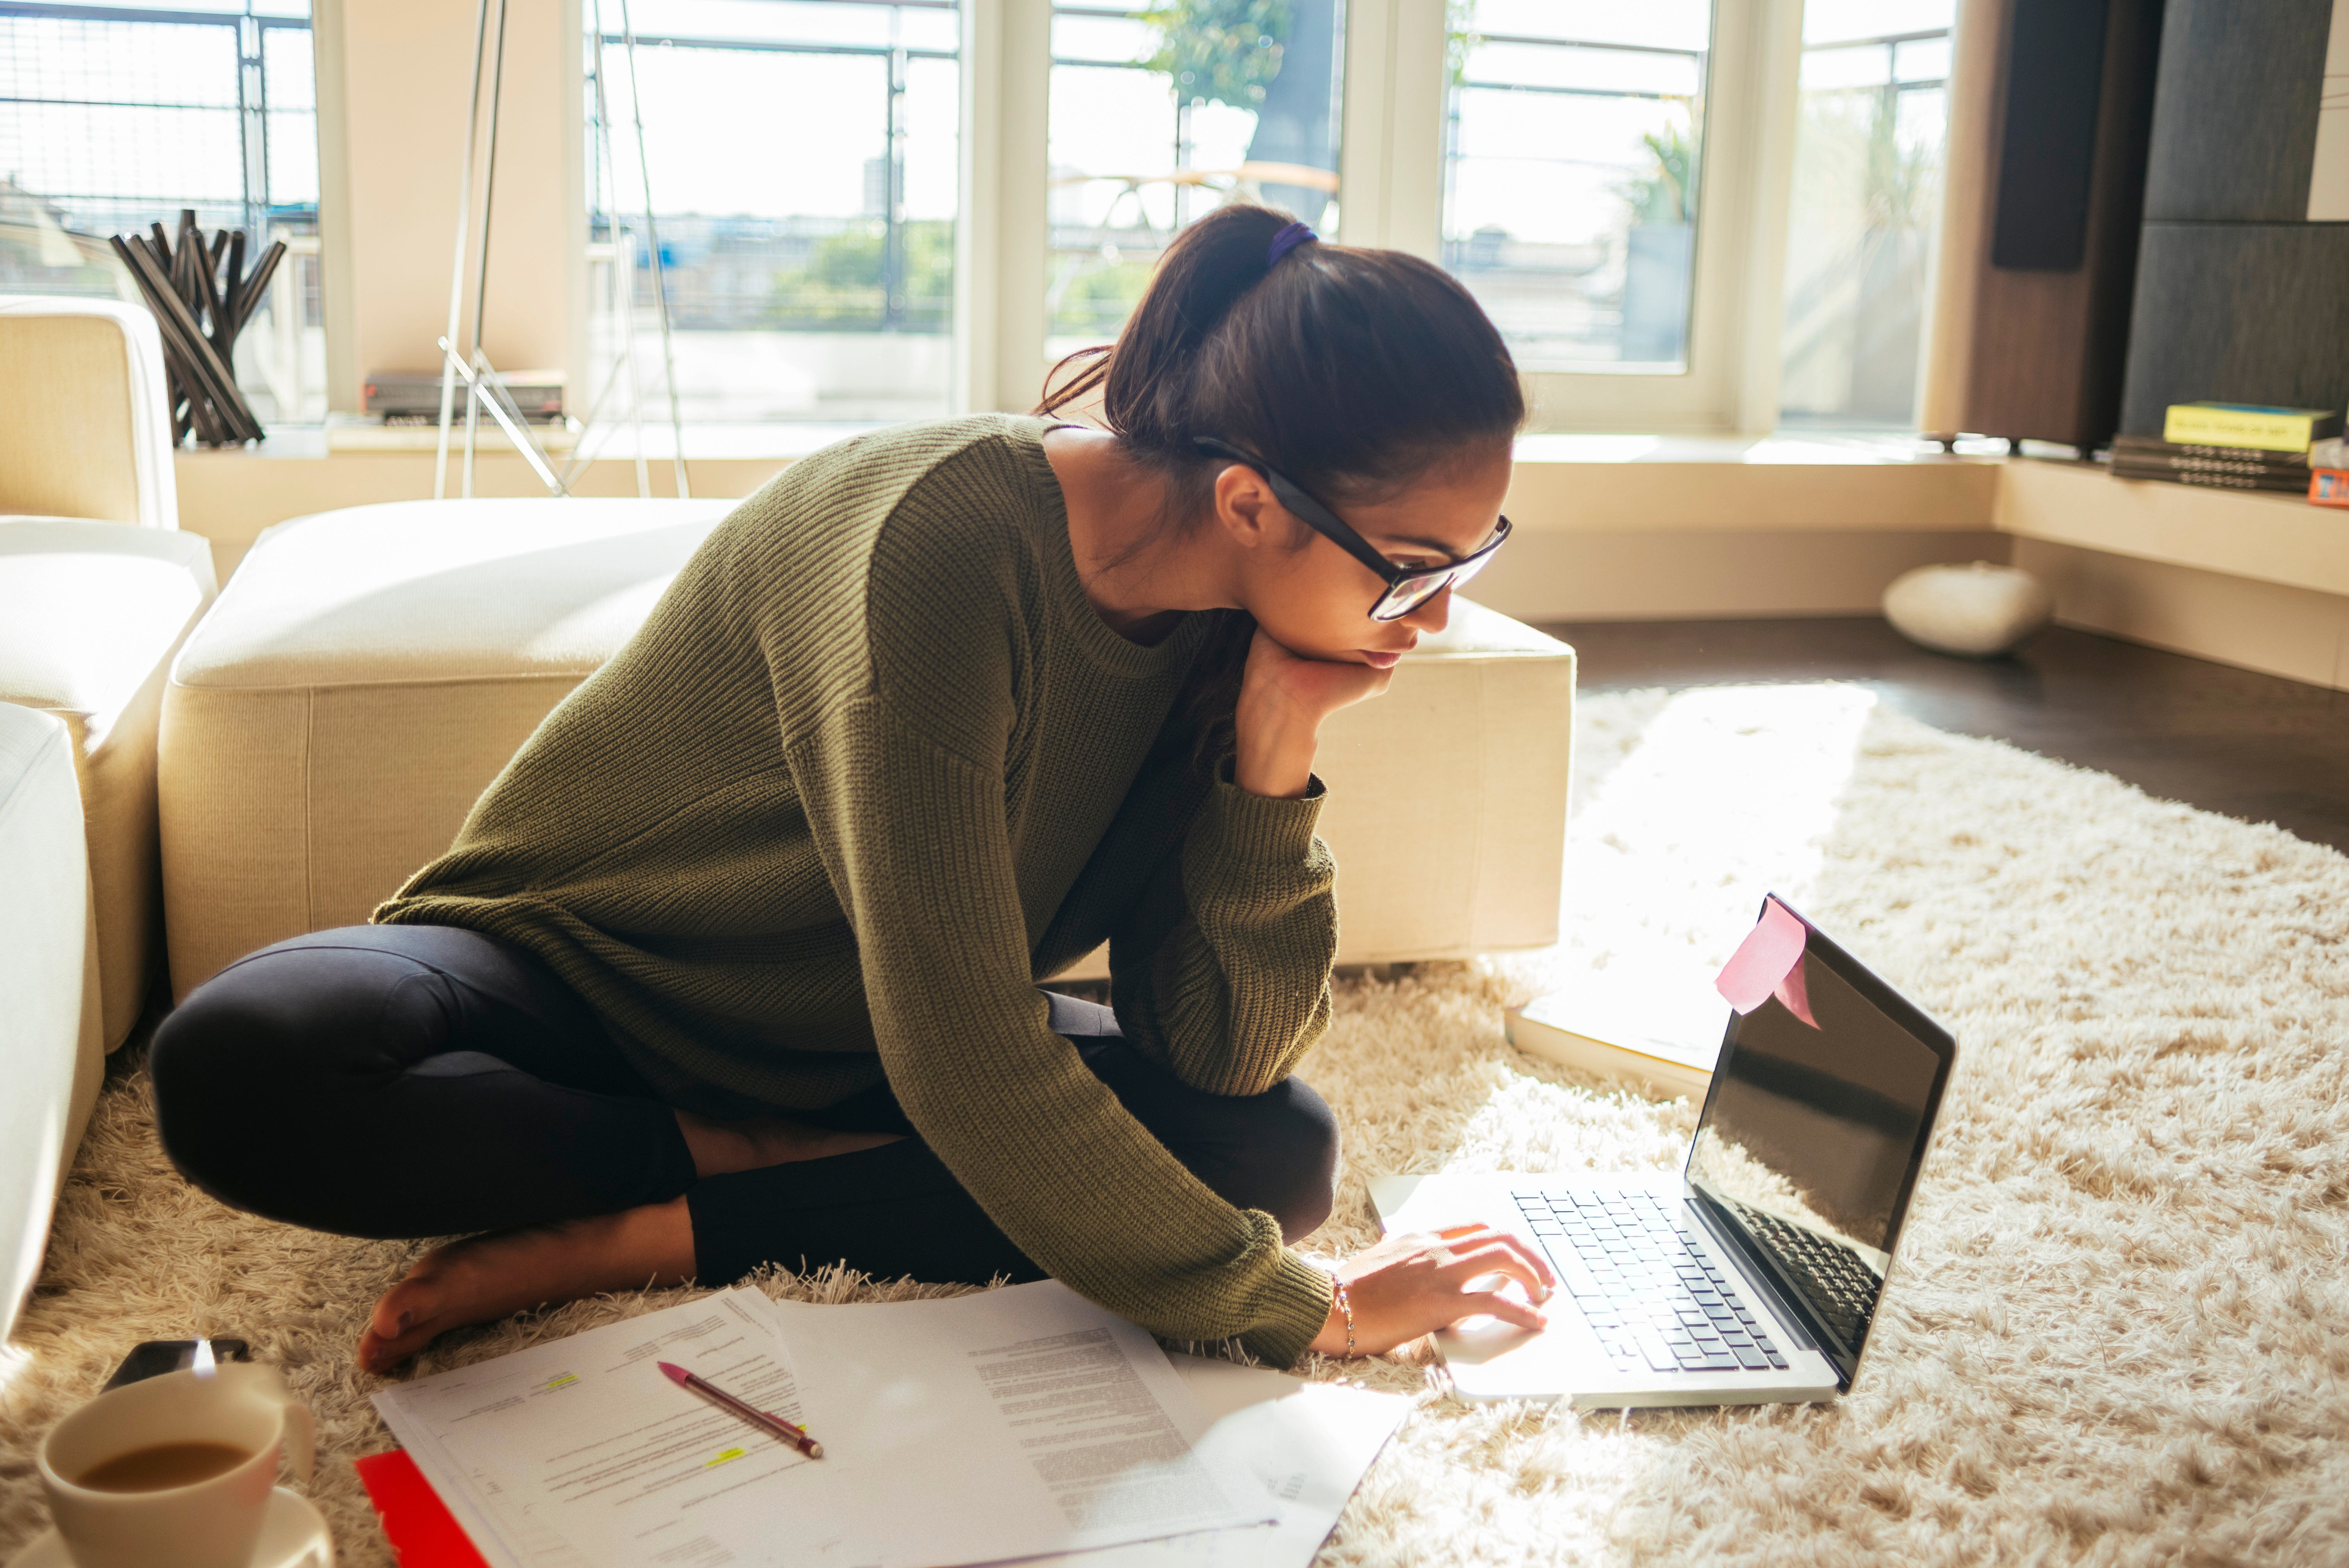 General Academic_Studious Woman.jpg